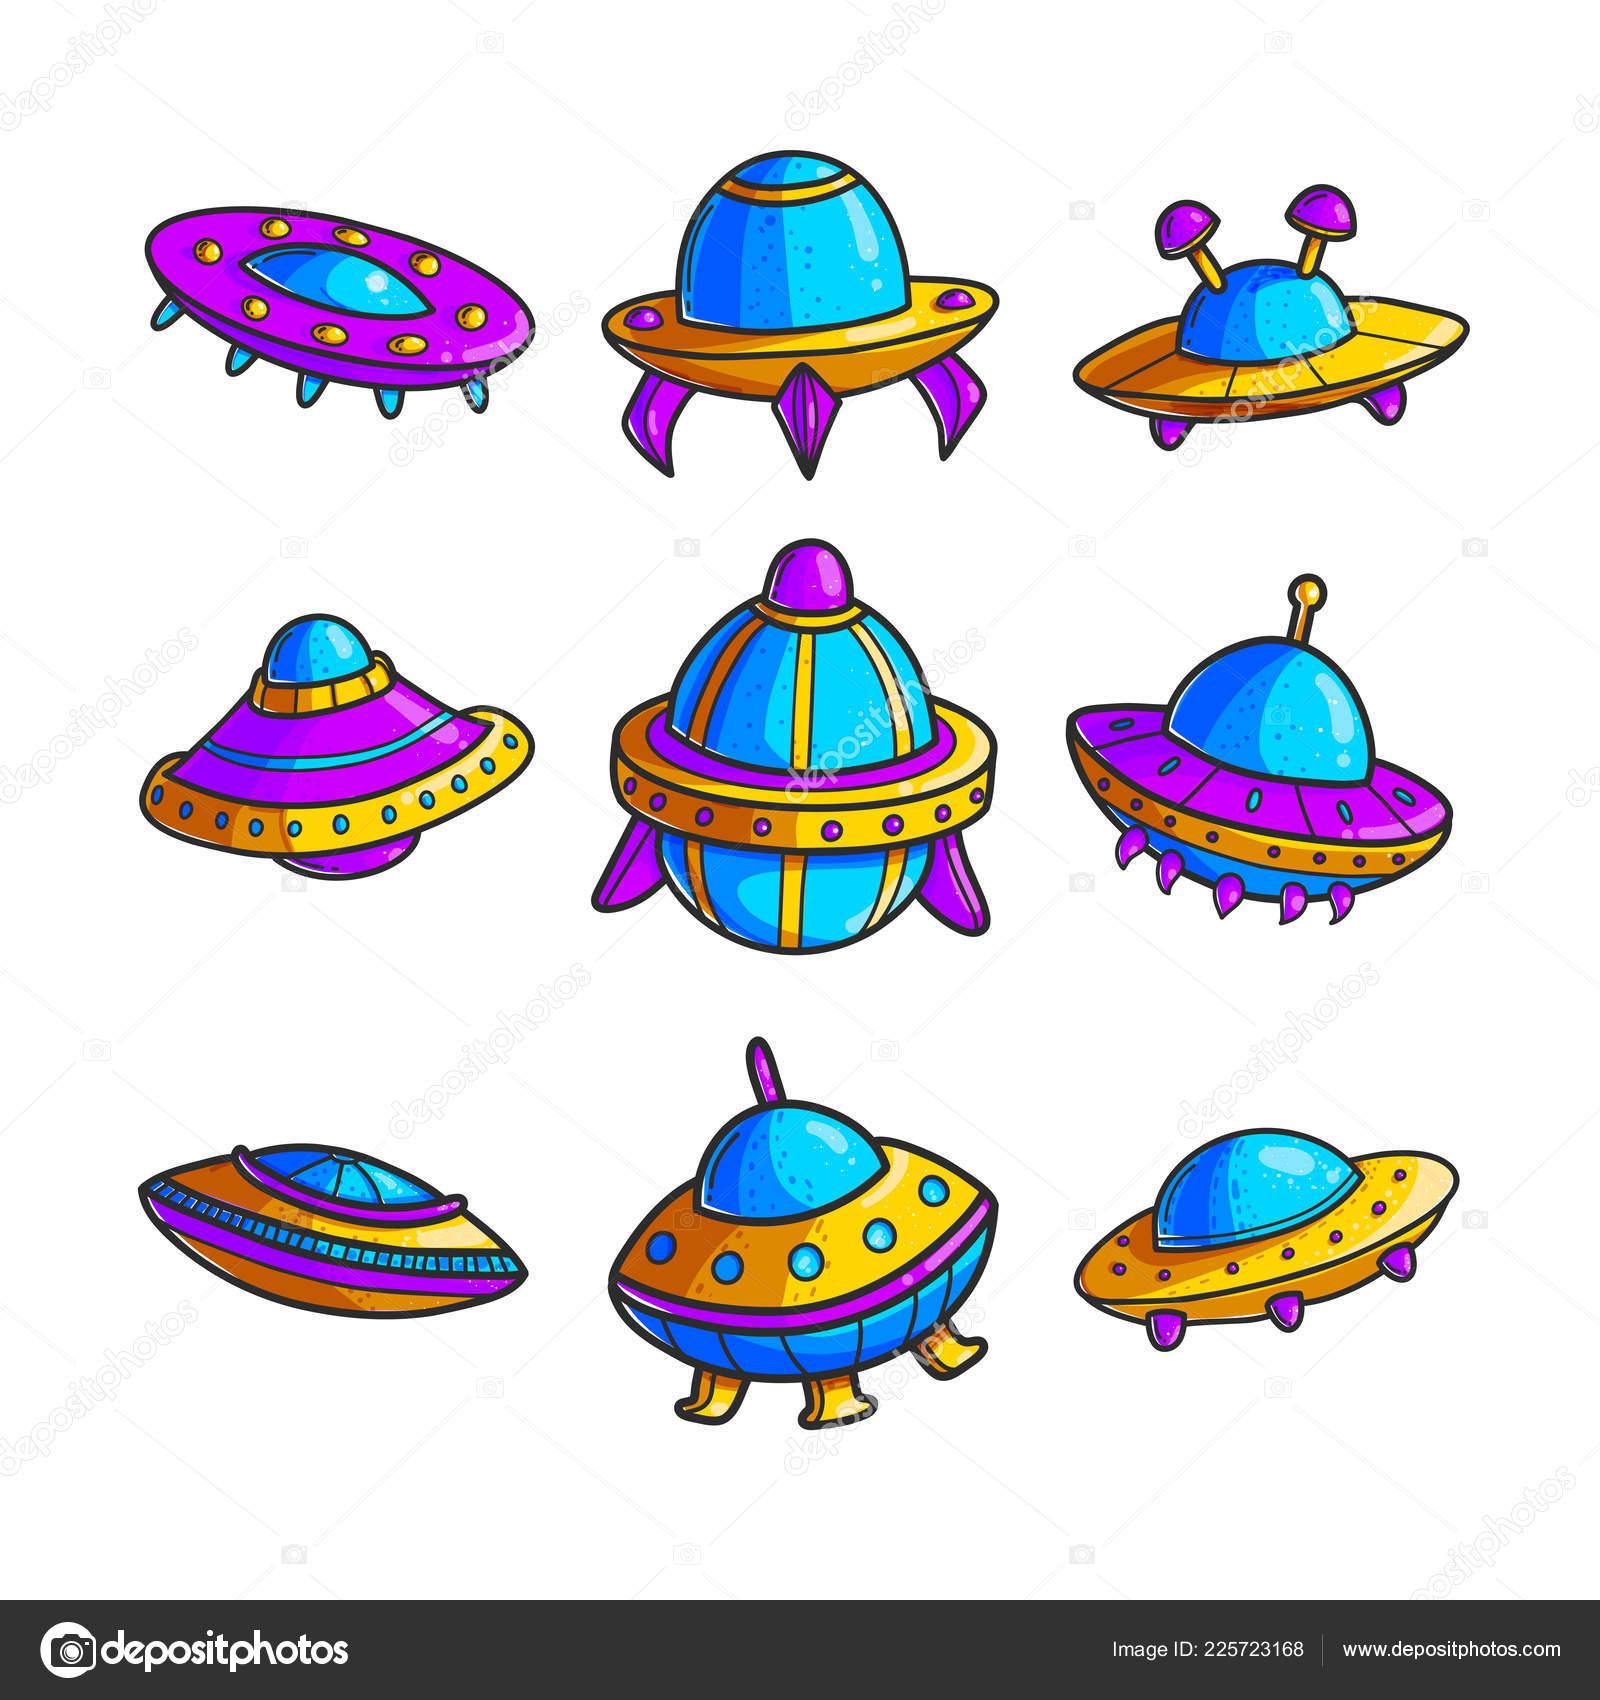 漫画空飛ぶ円盤は手描き下ろしカラー イラスト セットです かわいい Ufo